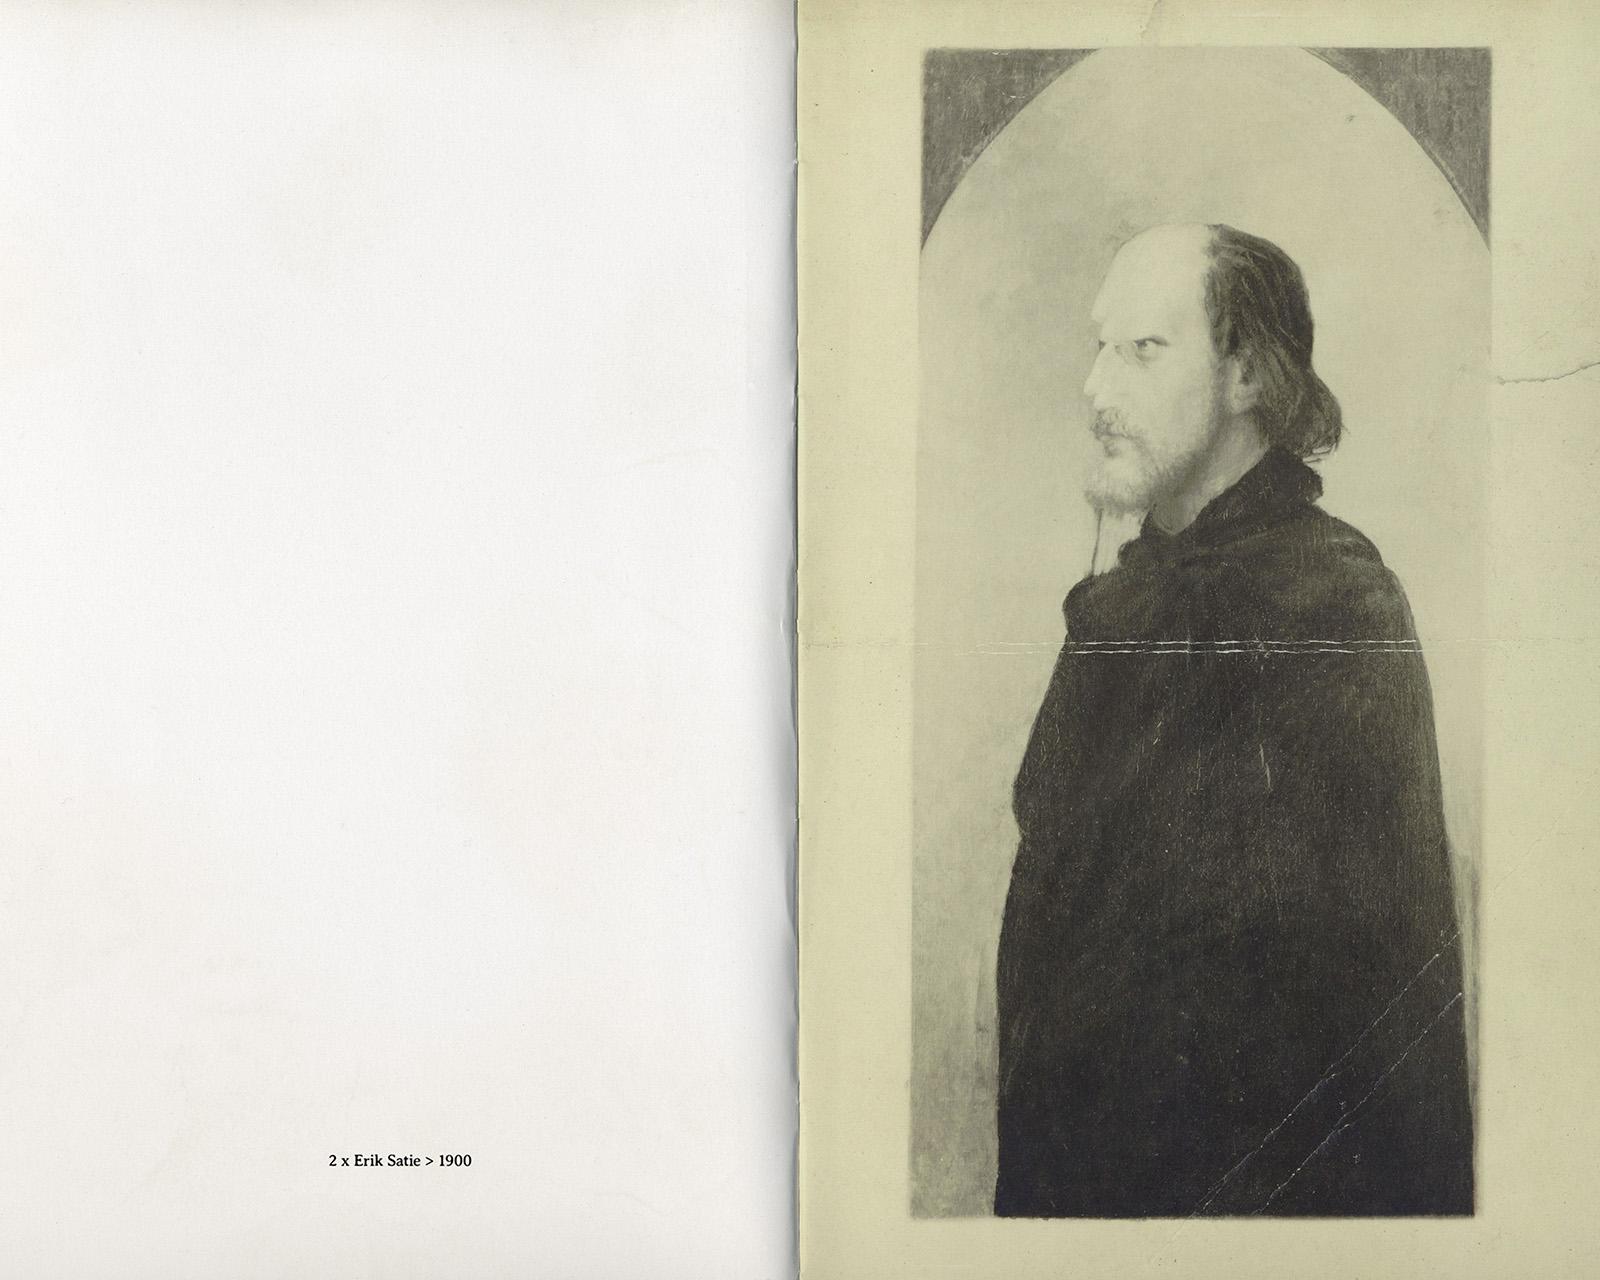 2xErikSatie_1900-web